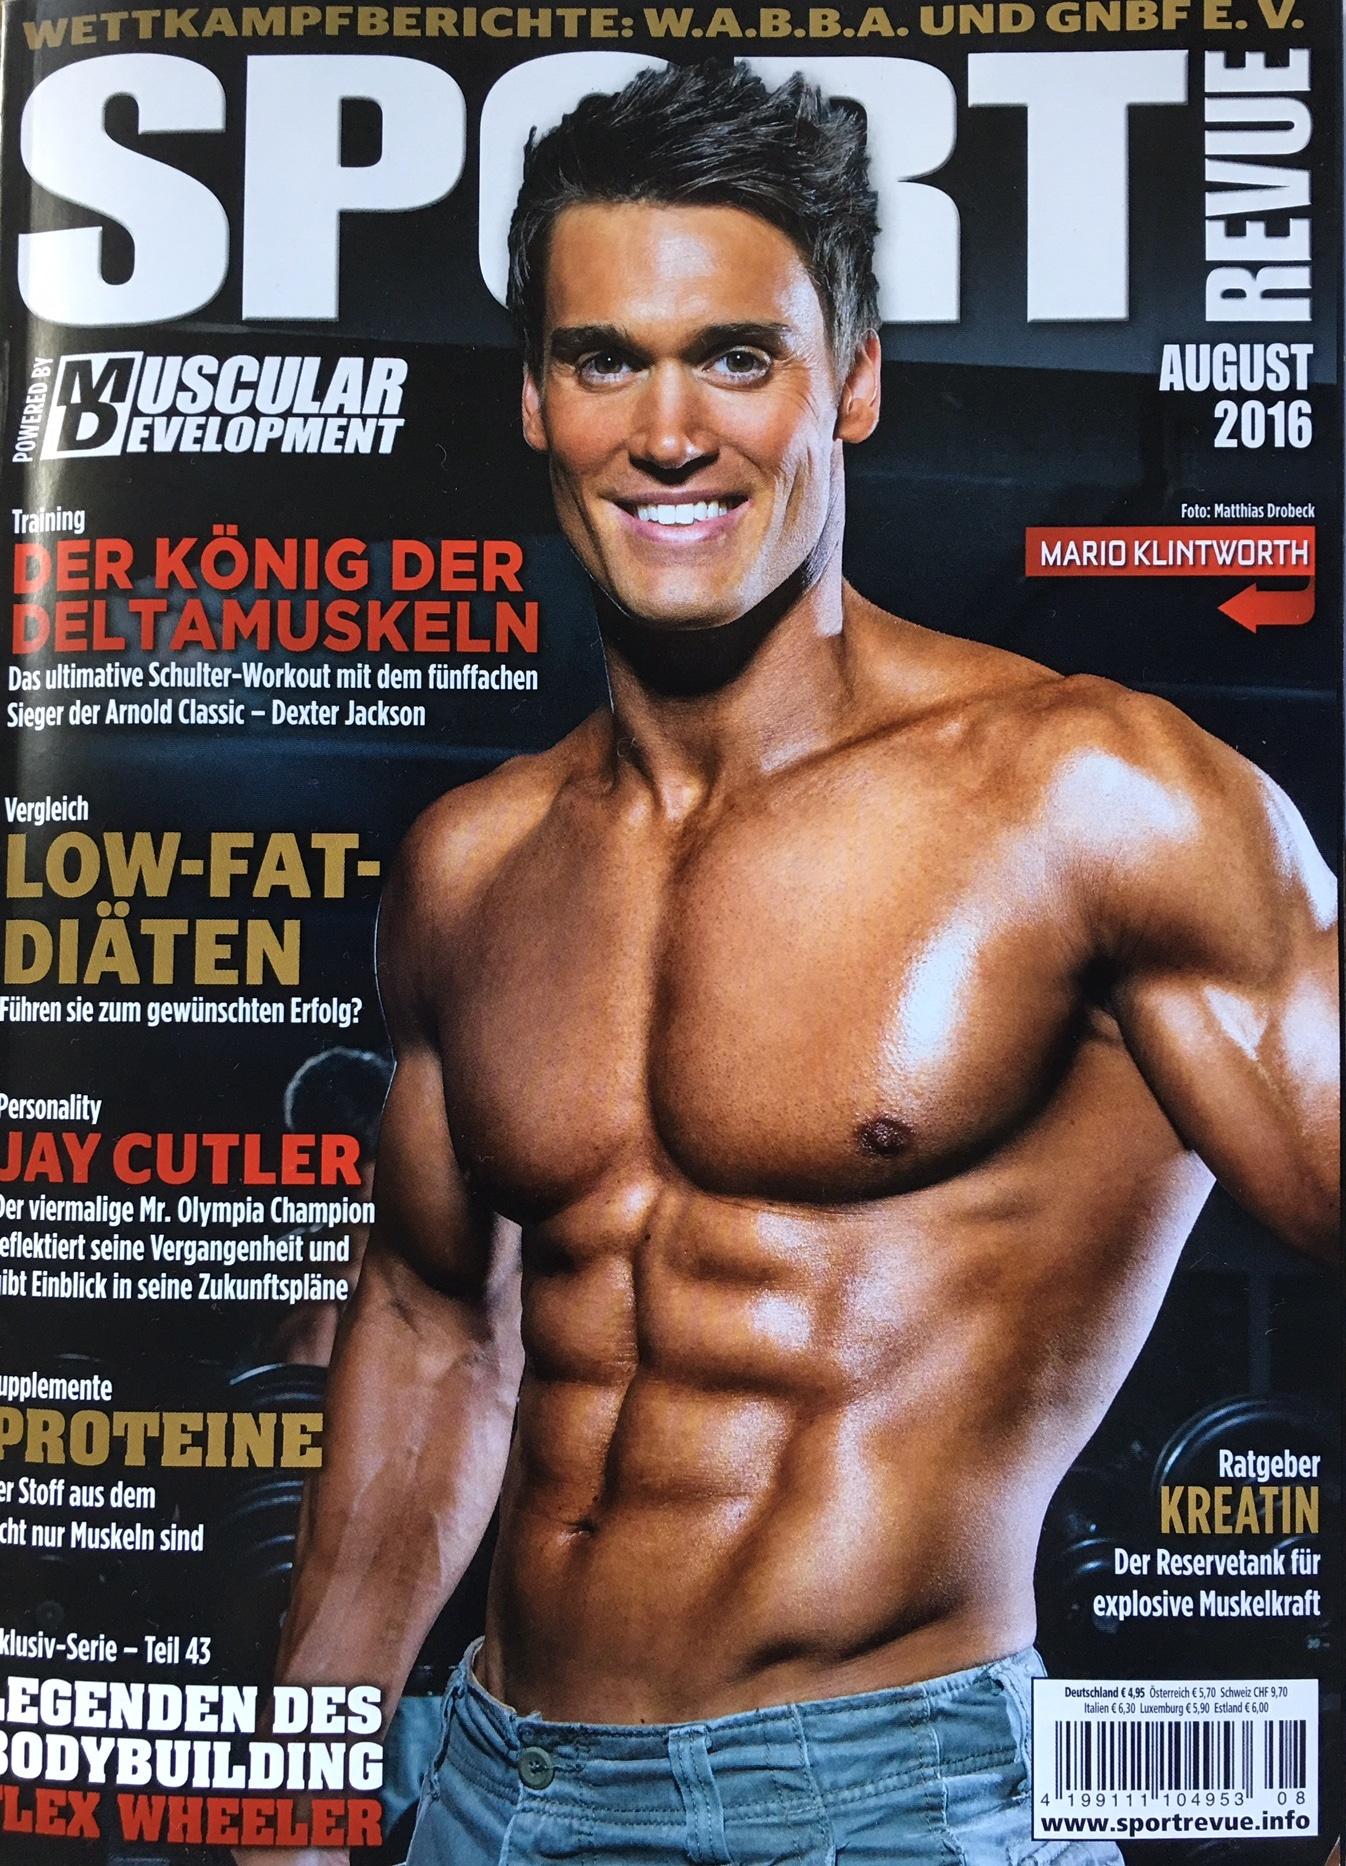 Coverbild Sportmagazin Sport Revue nackter Oberkörper Mann